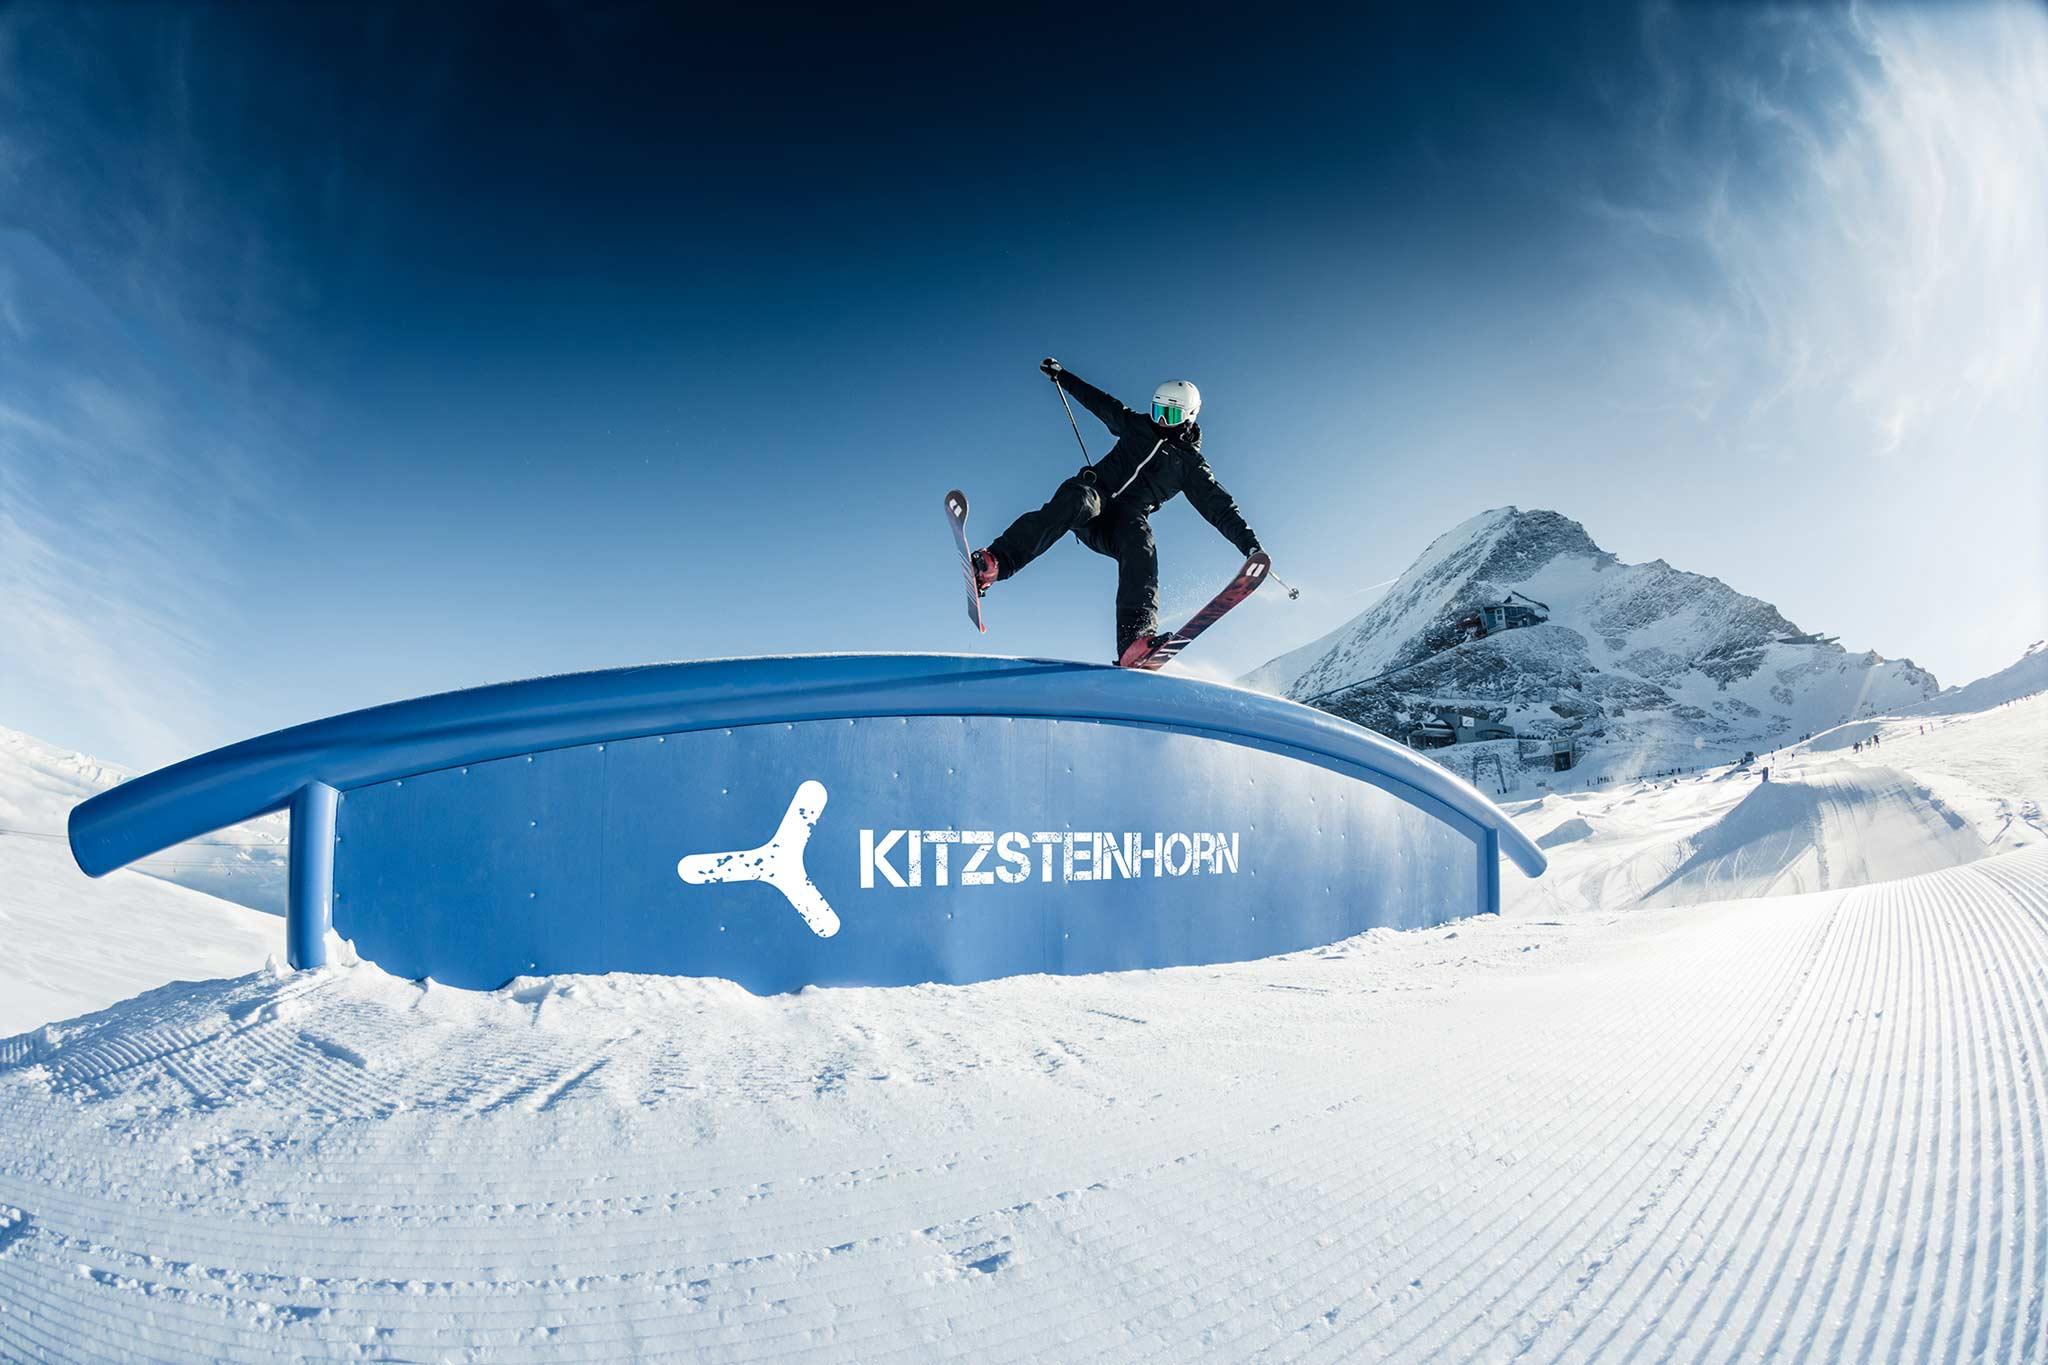 Ab Dezember 2021 öffnen weitere Freestyle-Areale am Kitzsteinhorn ihre Tore für Freeskier und Snowboarder! - Foto: Markus Rohrbacher